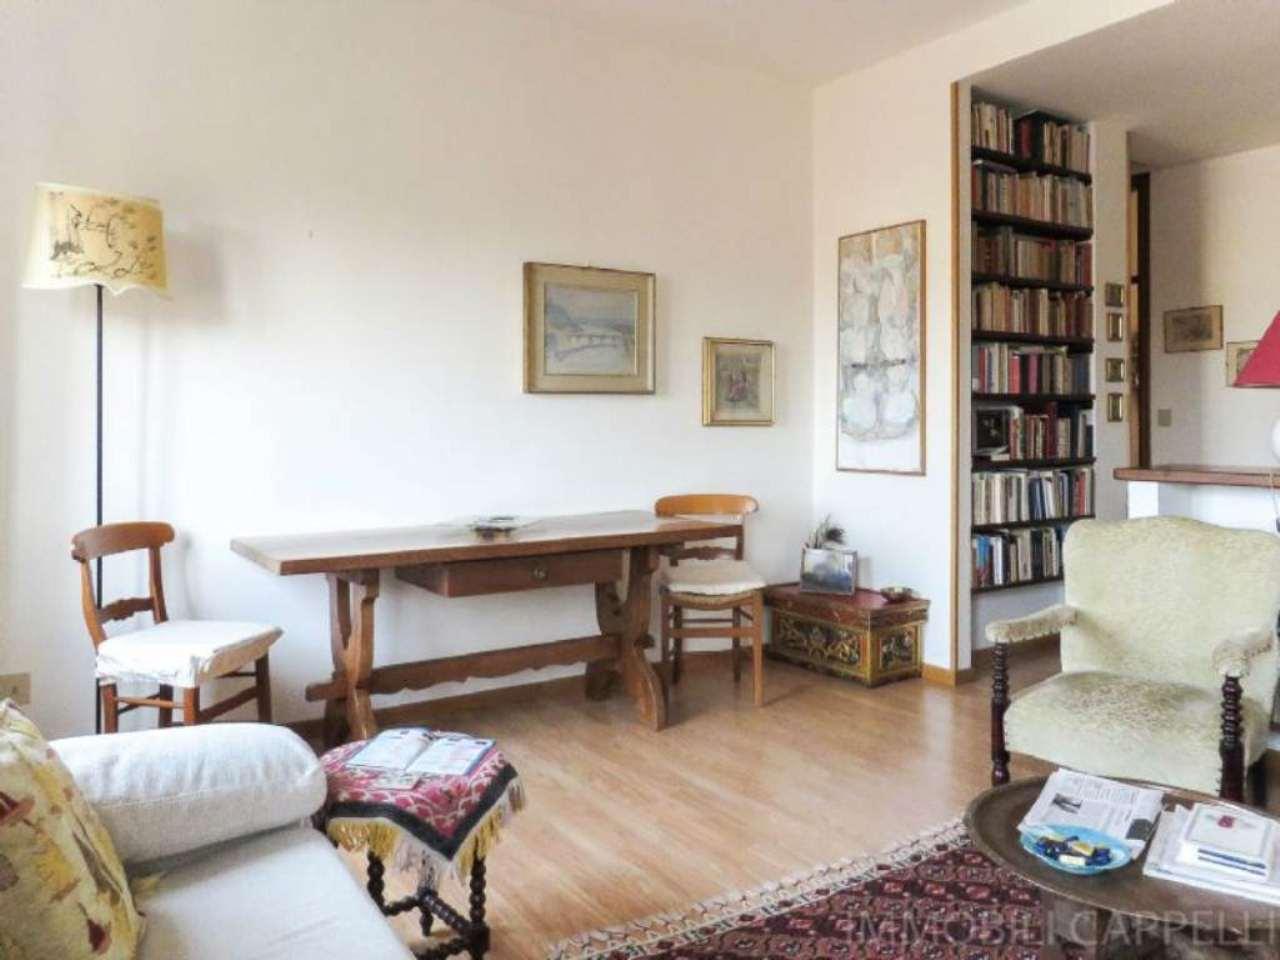 Appartamento in vendita a Cesena, 5 locali, prezzo € 175.000 | CambioCasa.it